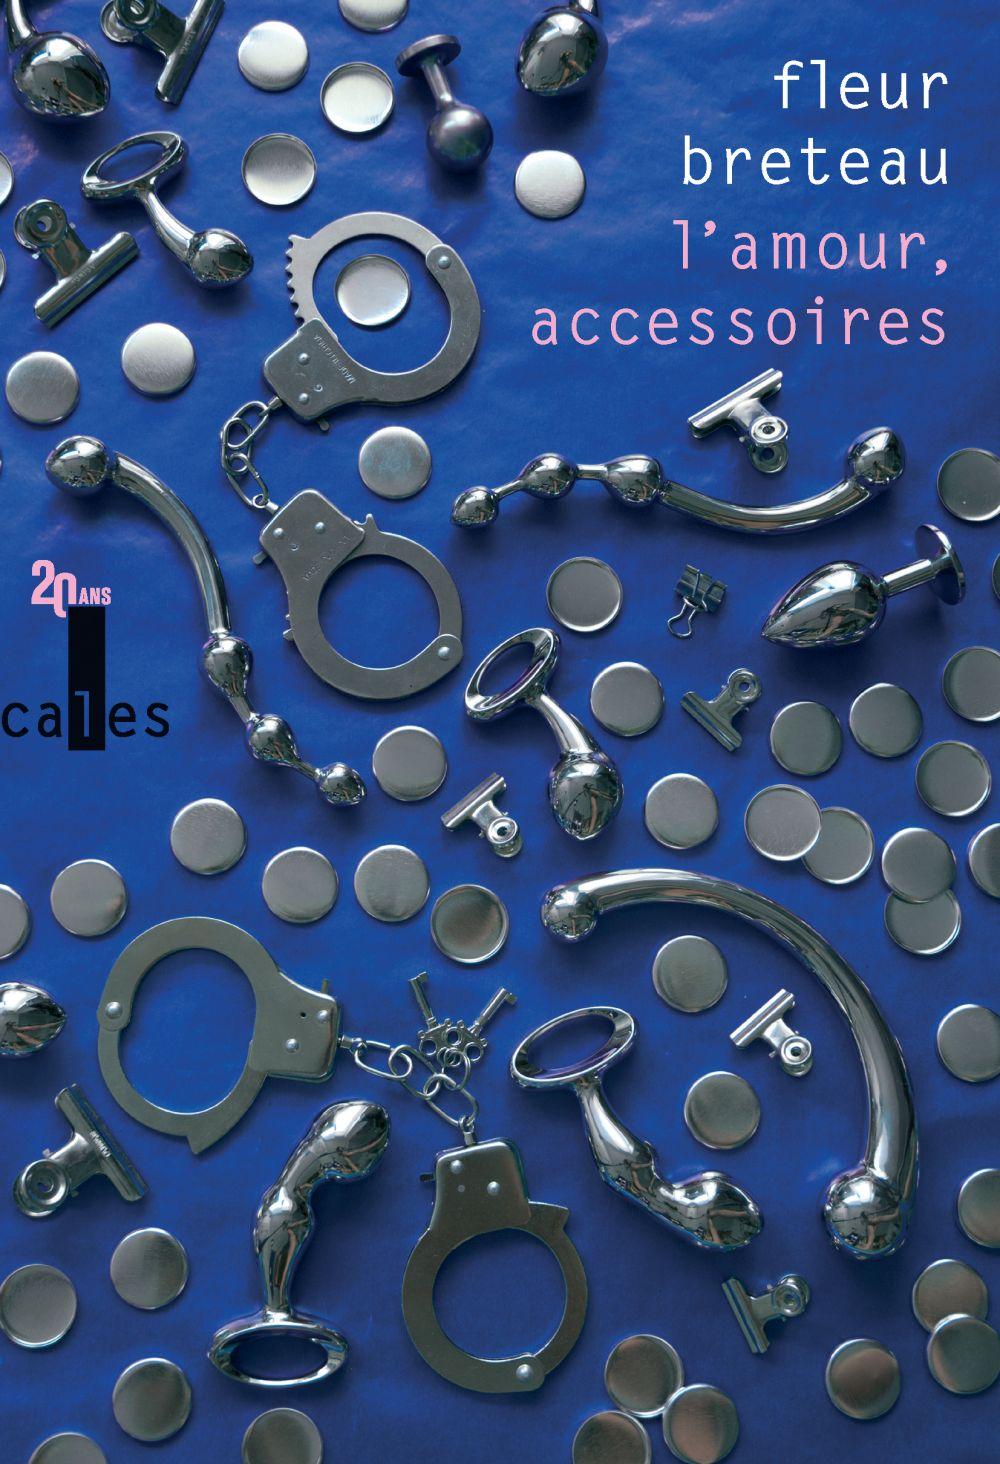 L'amour, accessoires | Breteau, Fleur (1975-....). Auteur